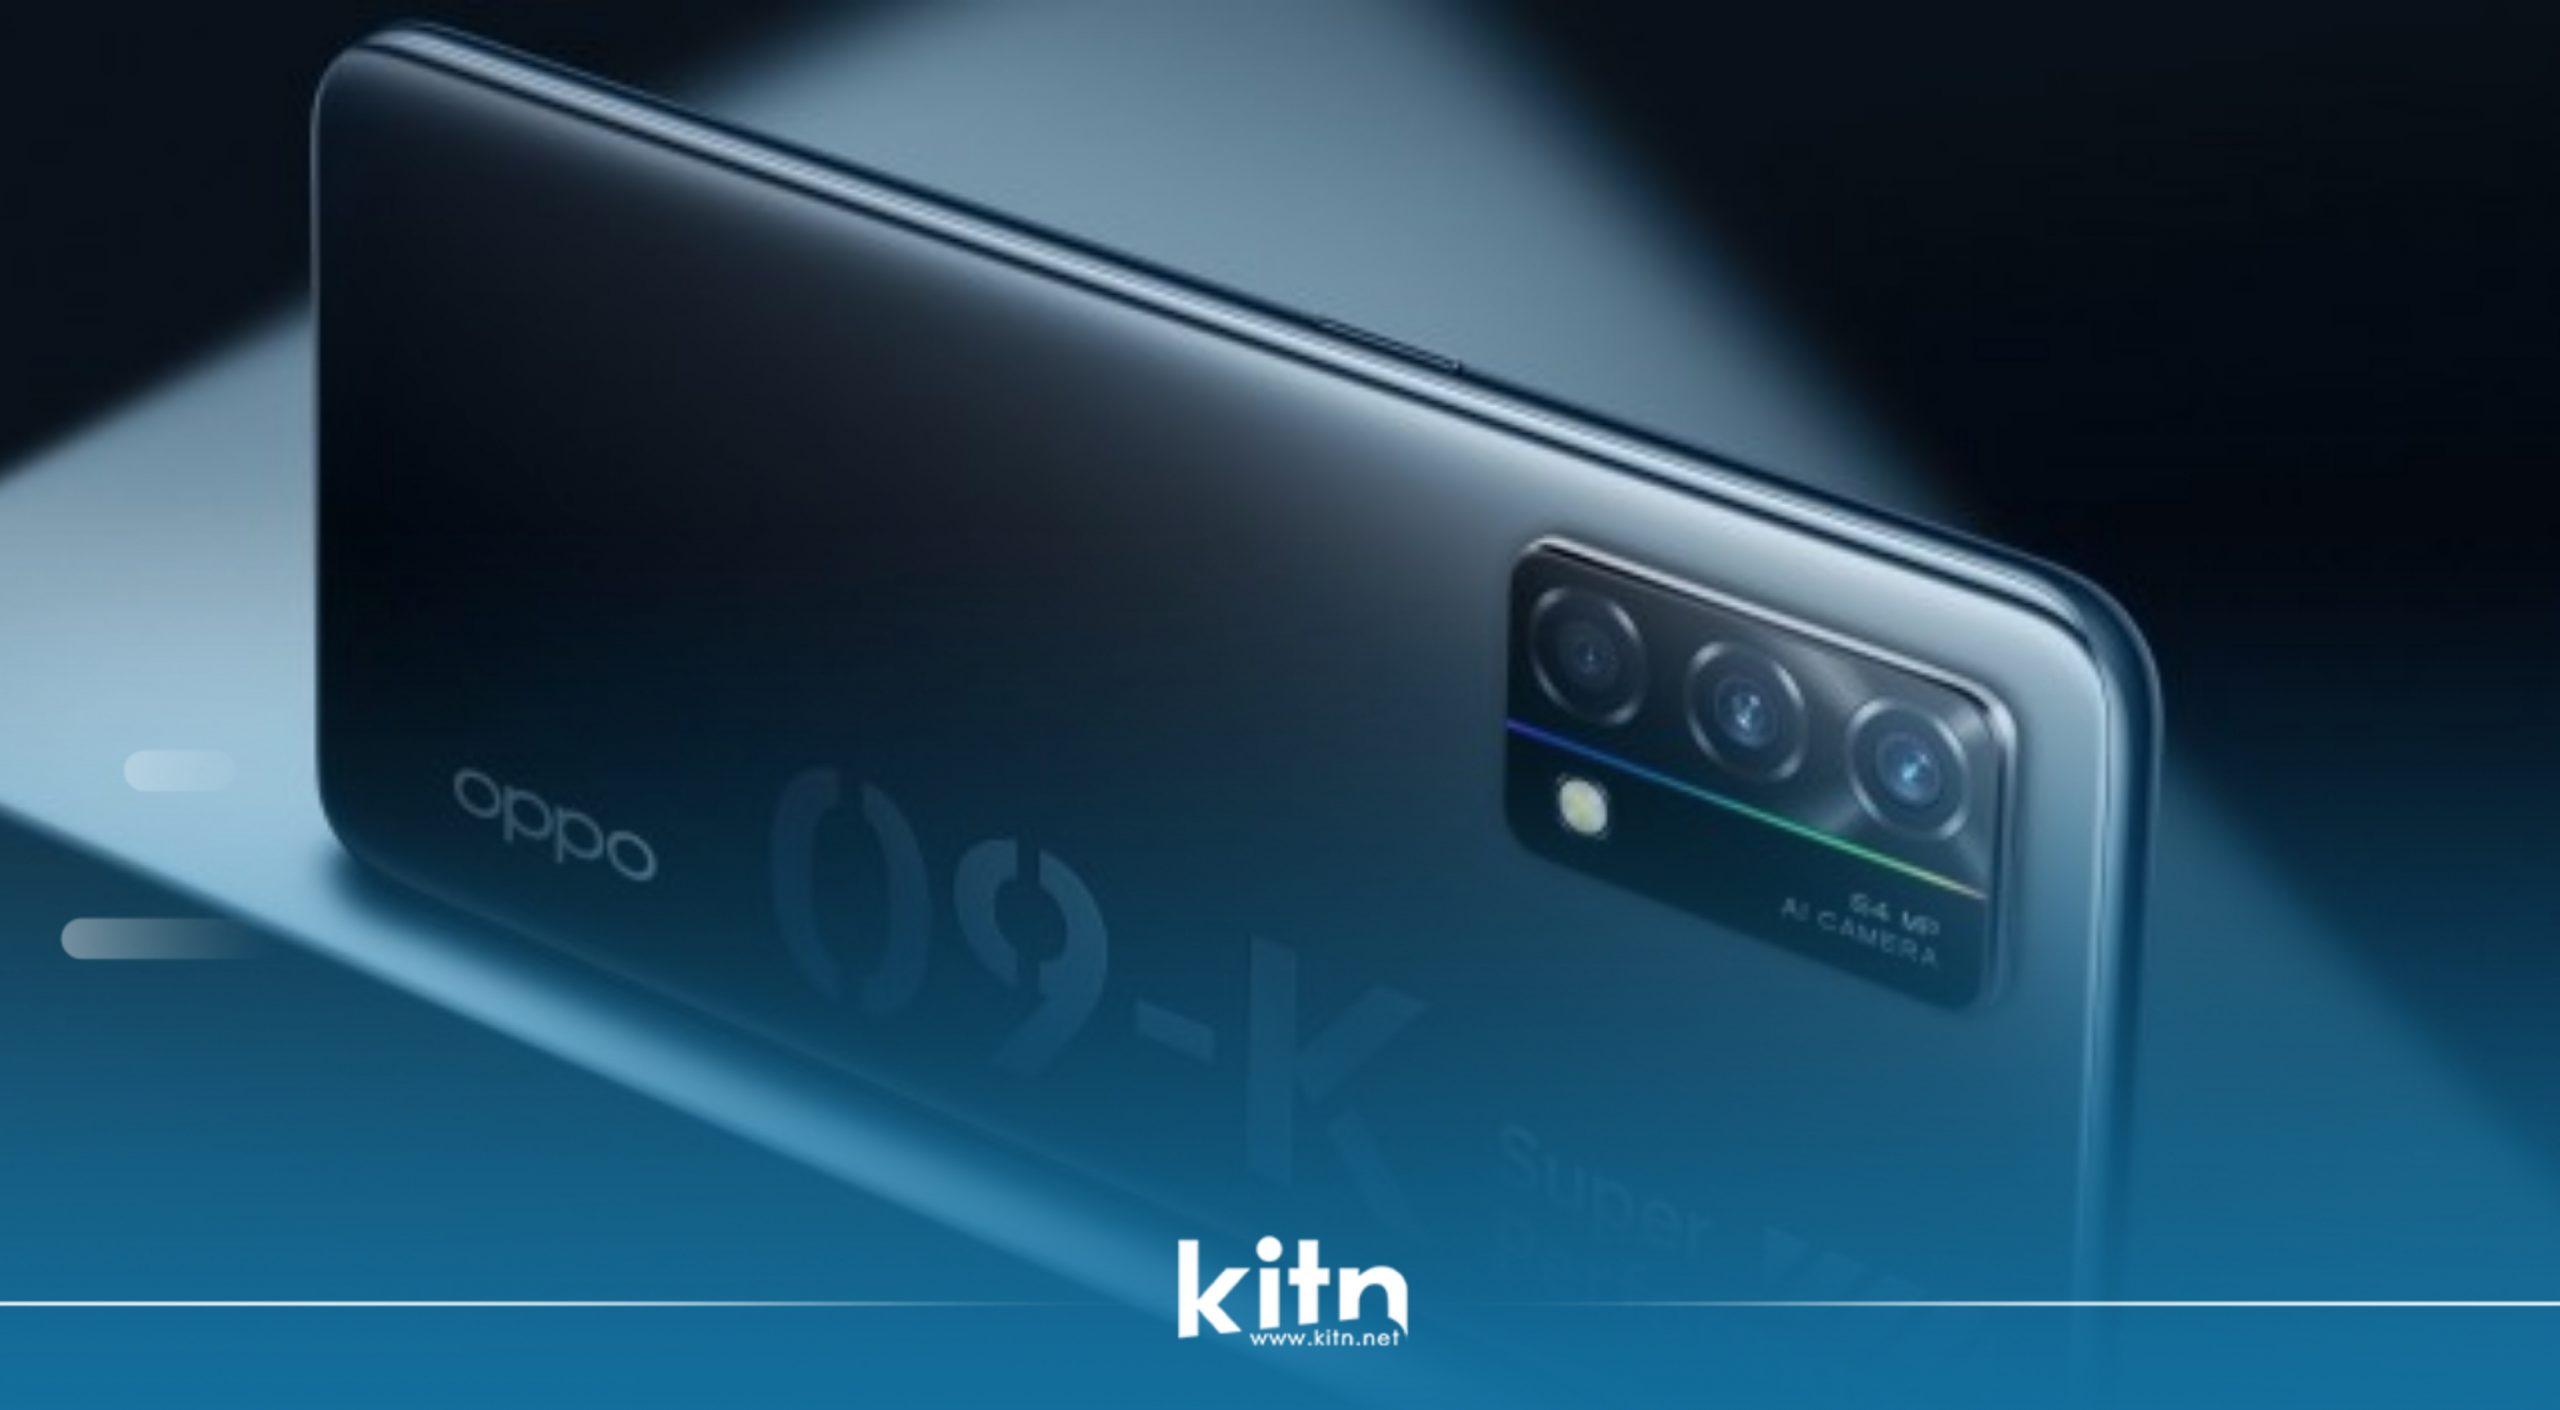 بە فەرمی مۆبایلی Oppo K9 5G بە چیپسێتی Snapdragon 768G و ڕوونمای 90 هێرتز و زیاترەوە نمایش کرا